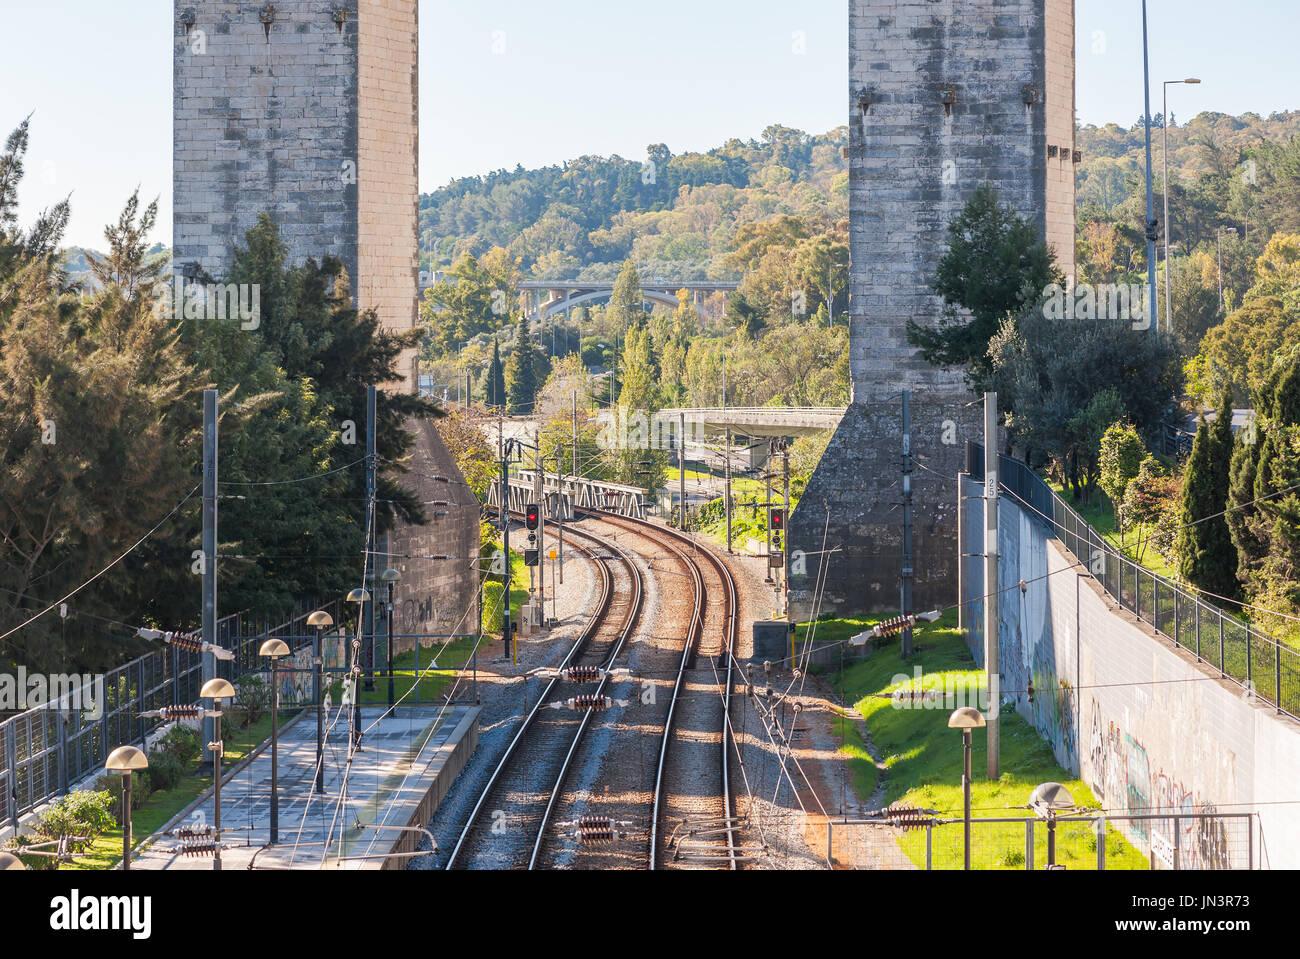 Bahn unter die Wasserleitung des freien Wassers am Bahnhof Campolide in Lissabon, Portugal Stockbild